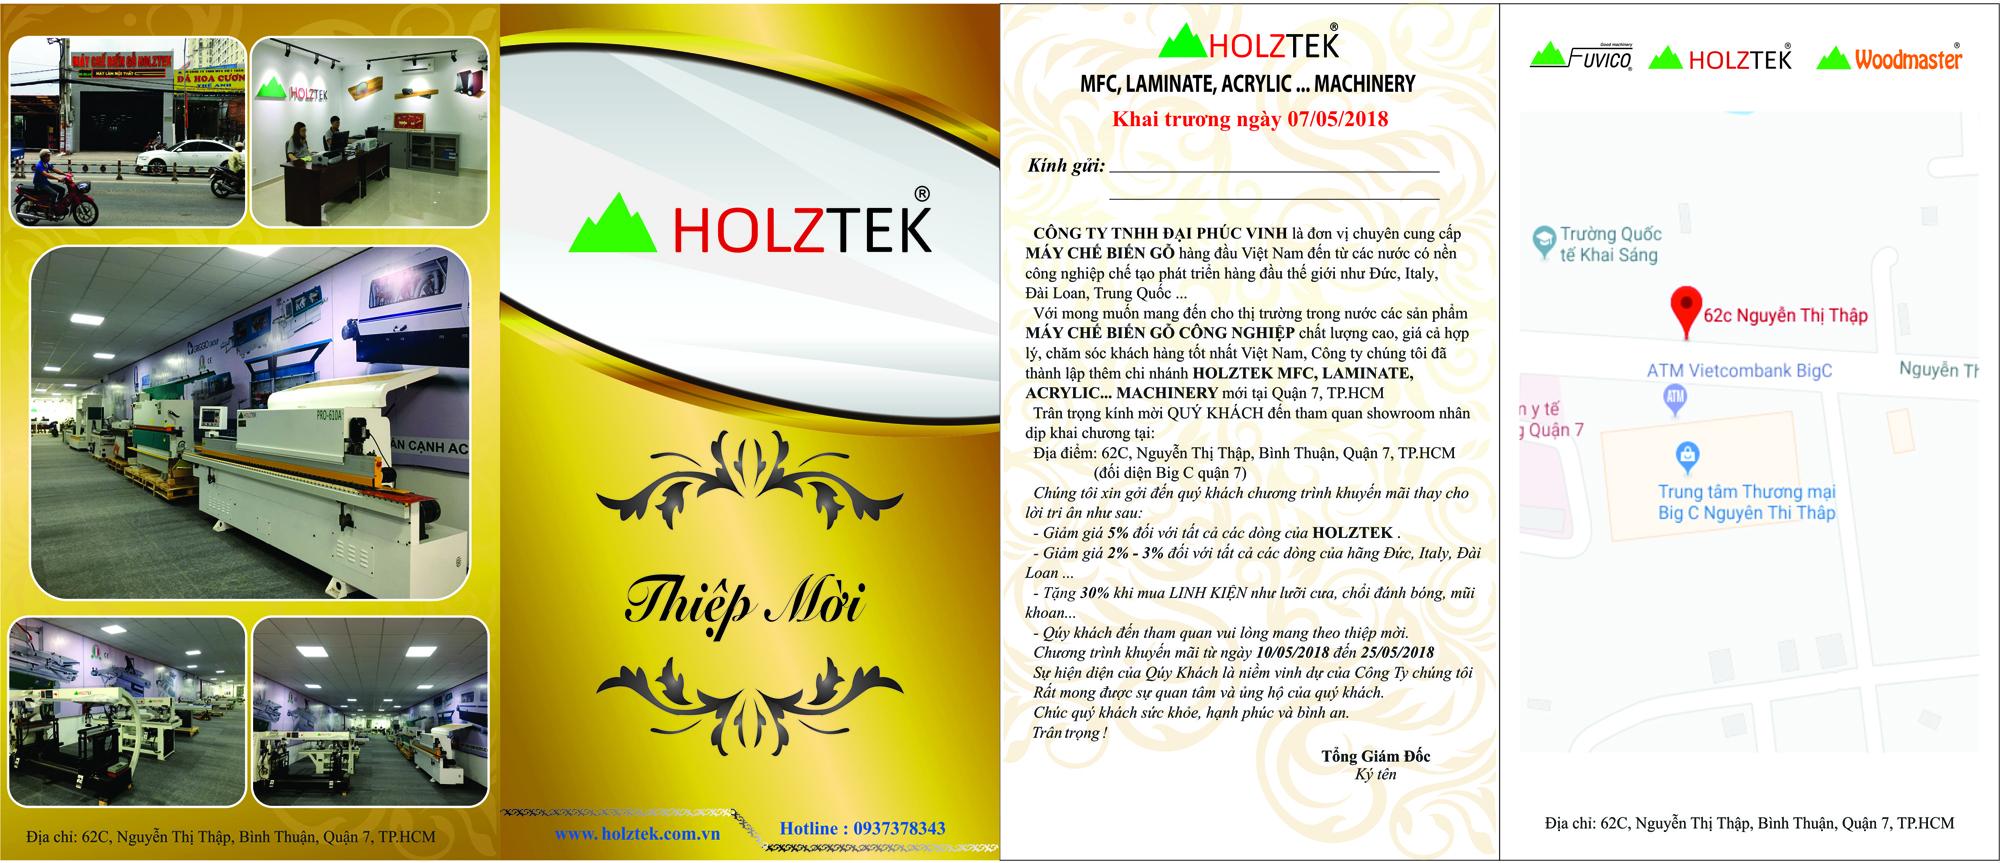 Khuyến mãi lớn nhân dịp khai trương Holztek TP. Hồ Chí Minh